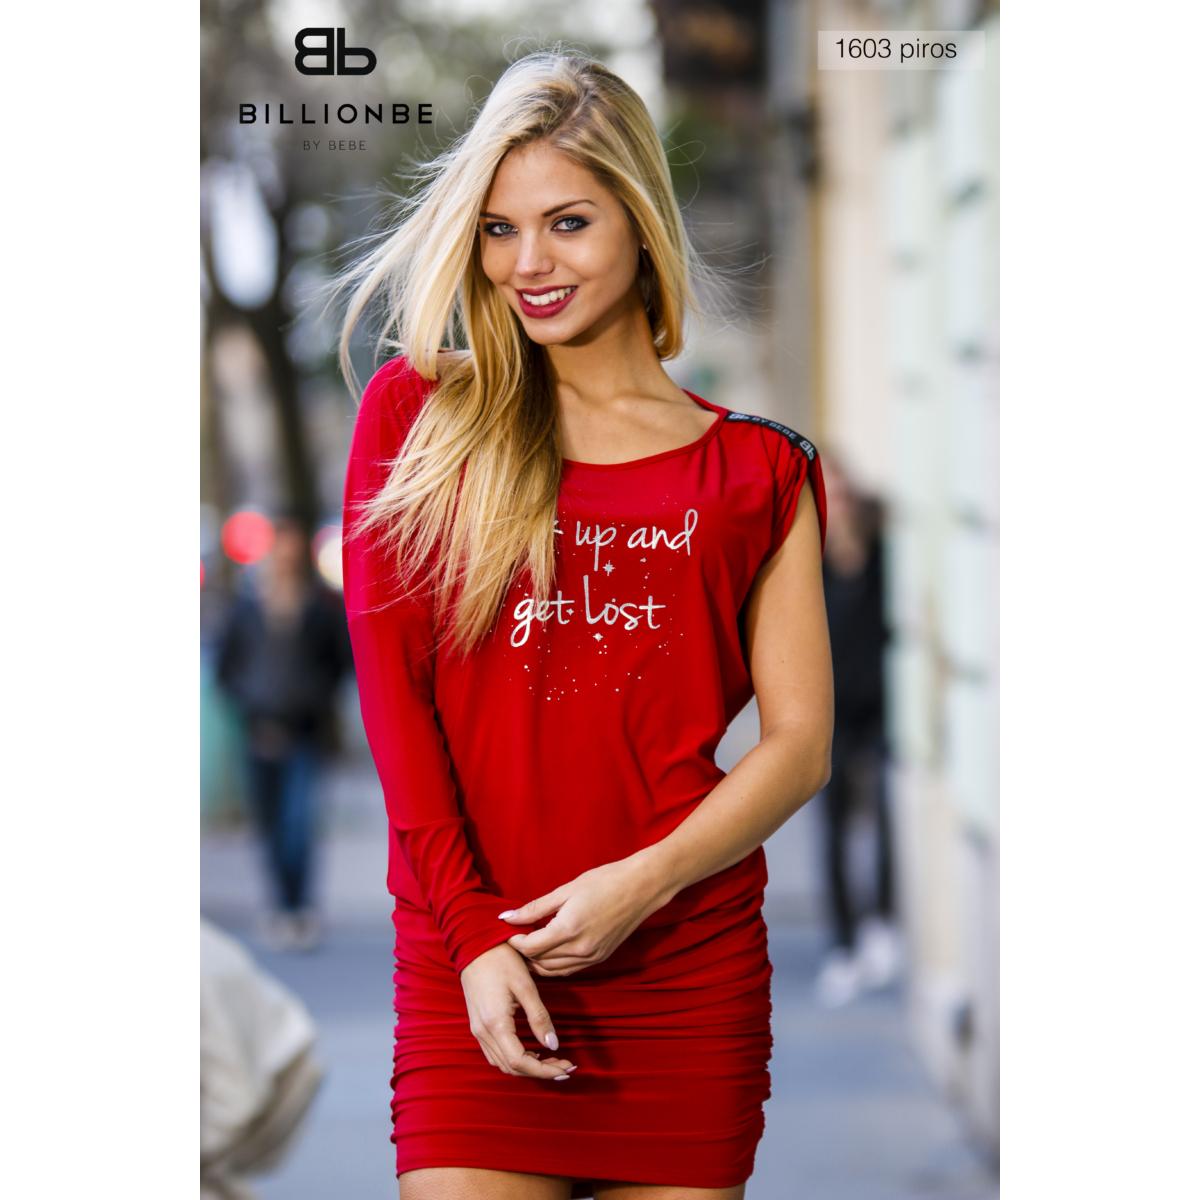 bebe billionbe - Ruha webáruház 3015a4a3a5